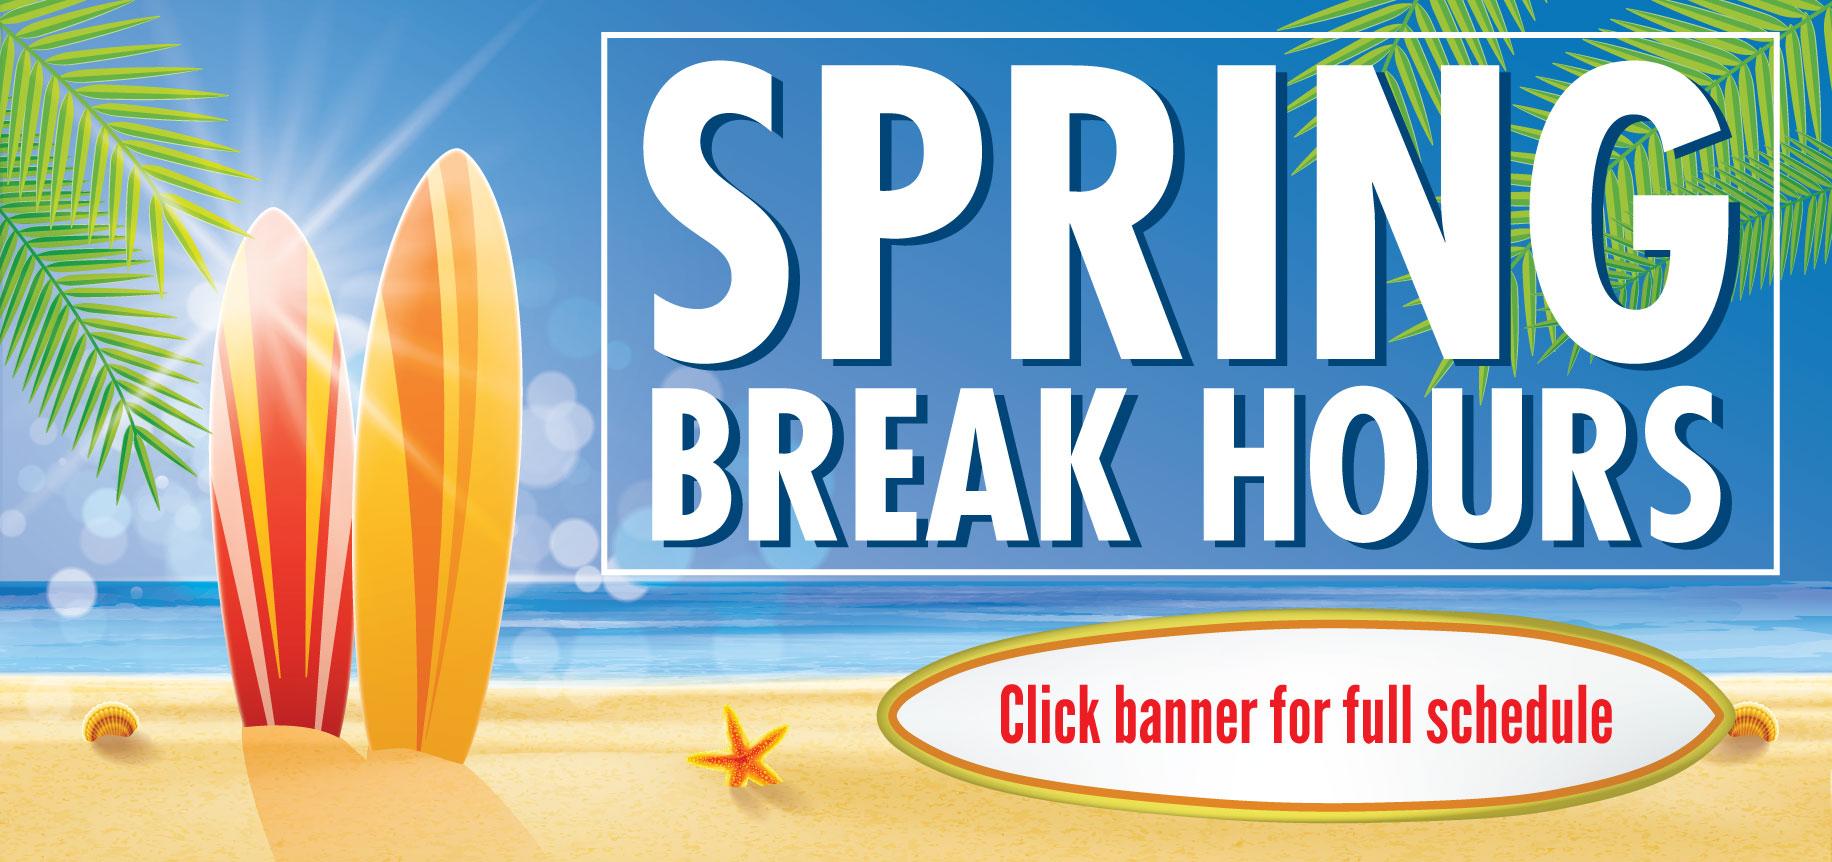 SpringBreakHours_WebBanner_S17